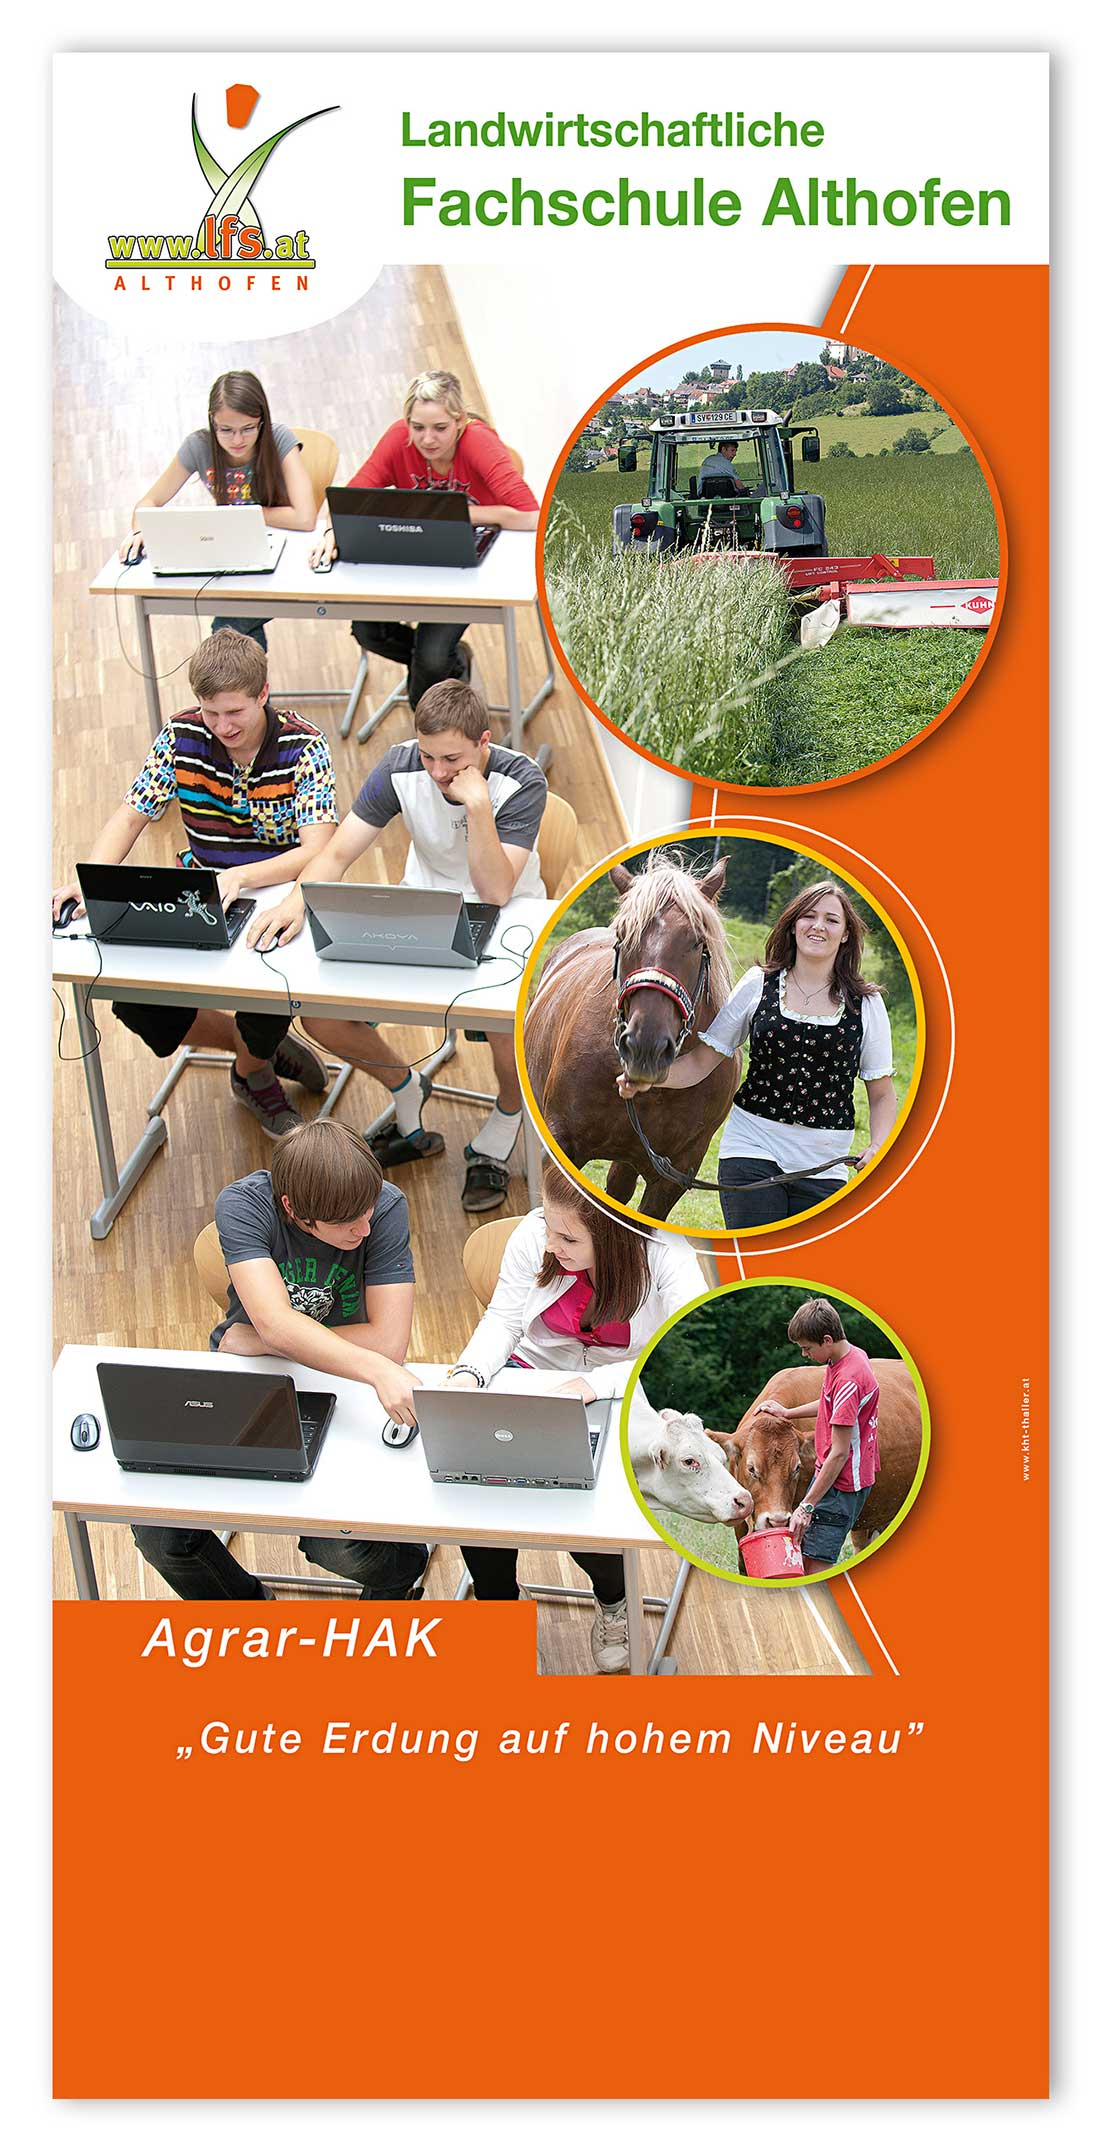 Grafik & Design Landwirtschaftliche Fachschule Althofen